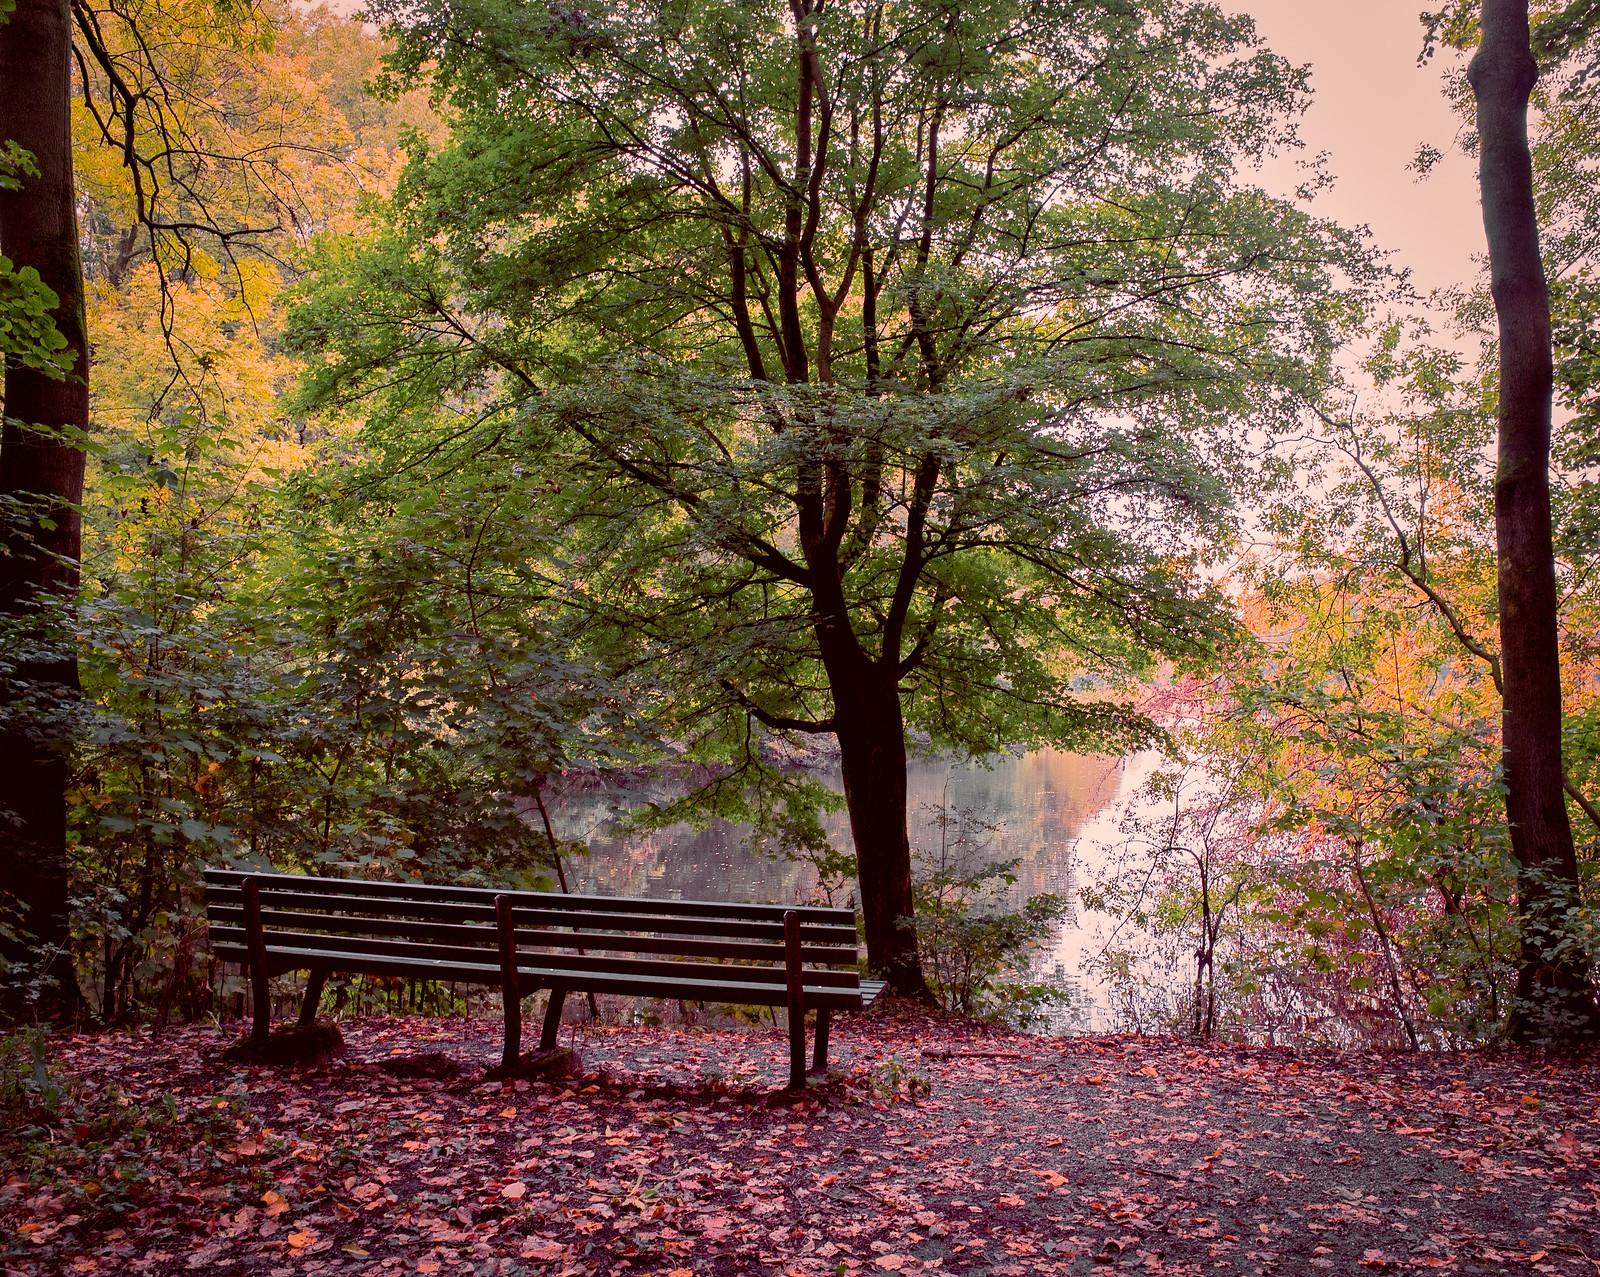 https://www.lightstalking.com/wp-content/uploads/autumn-forest.jpg